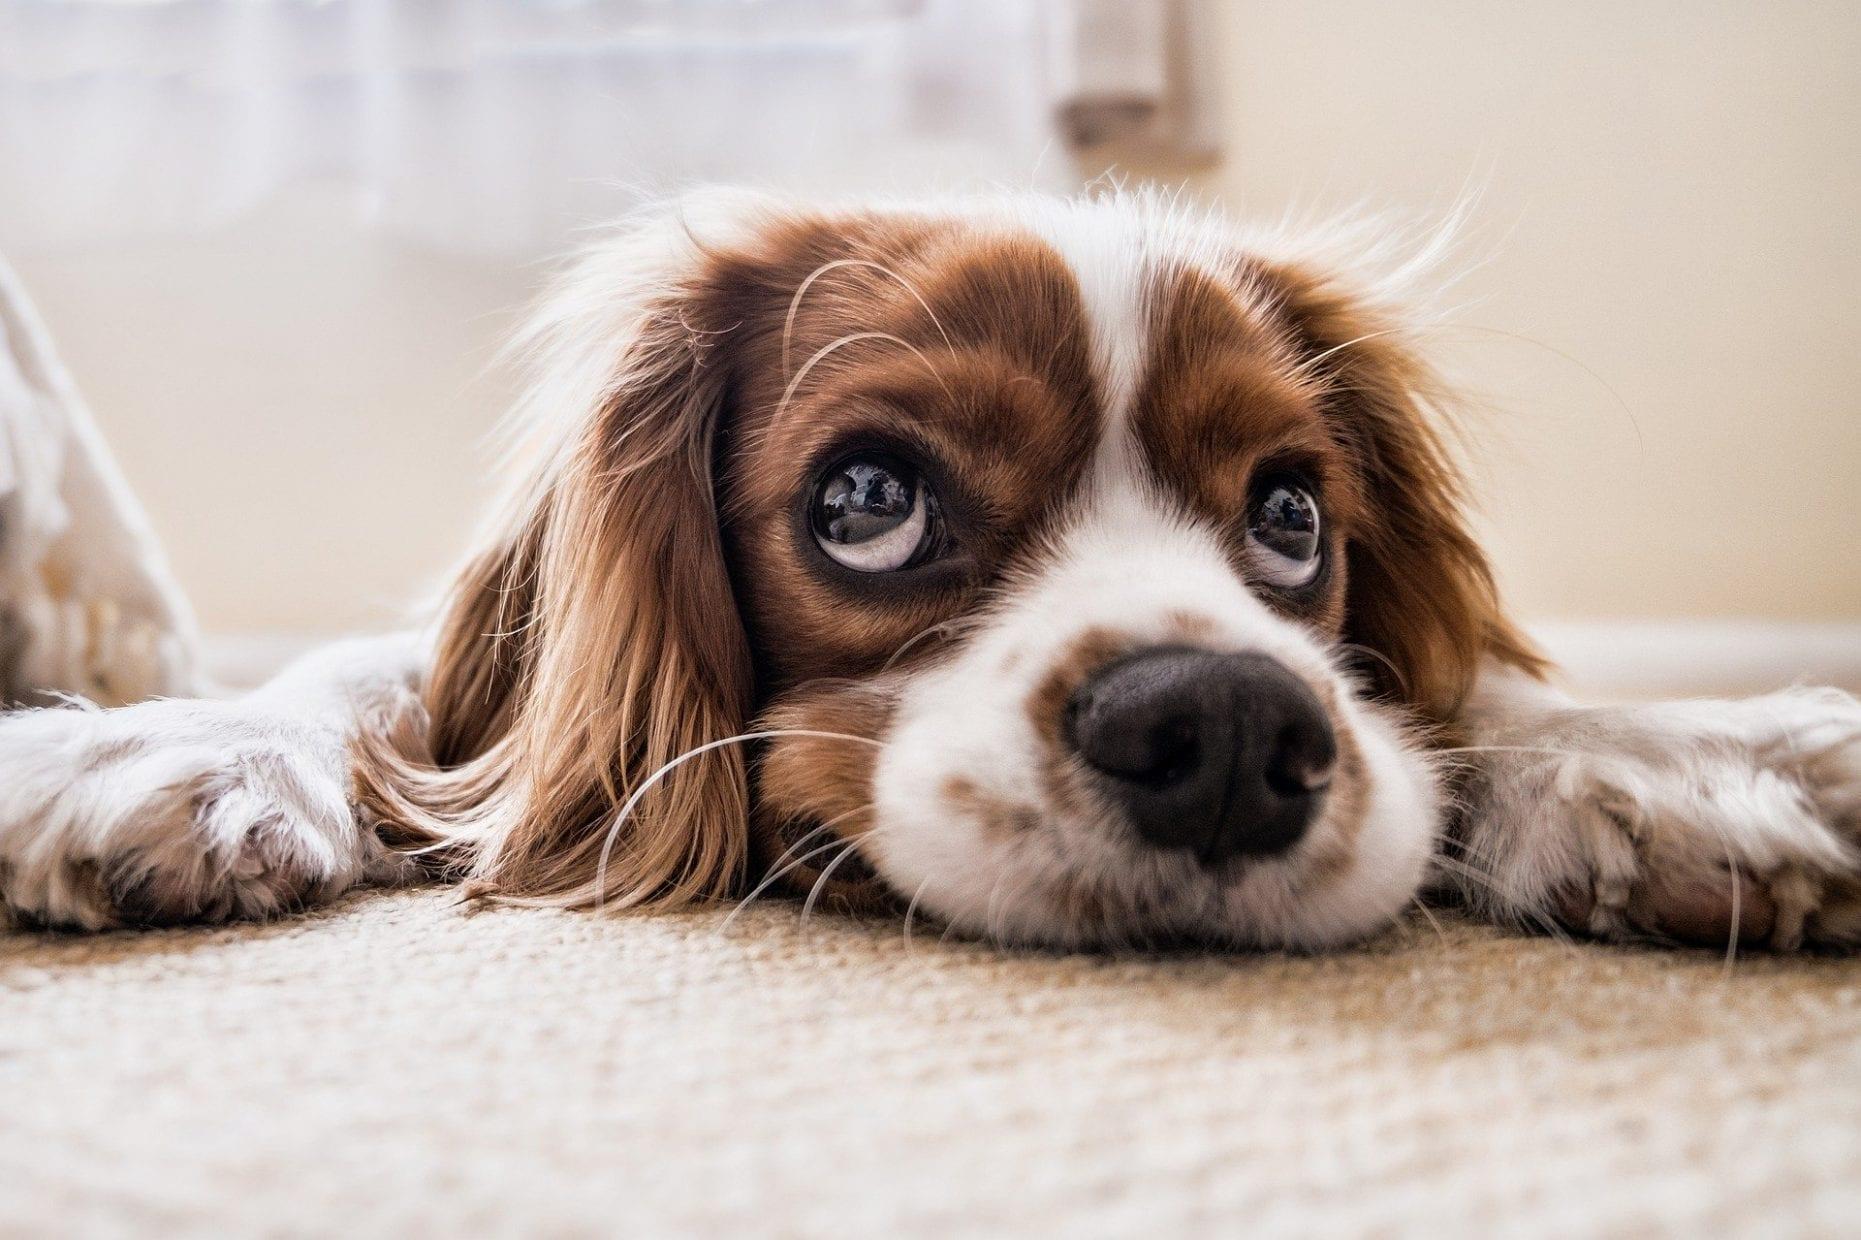 cachorros e gatos não transmitem coronavirus